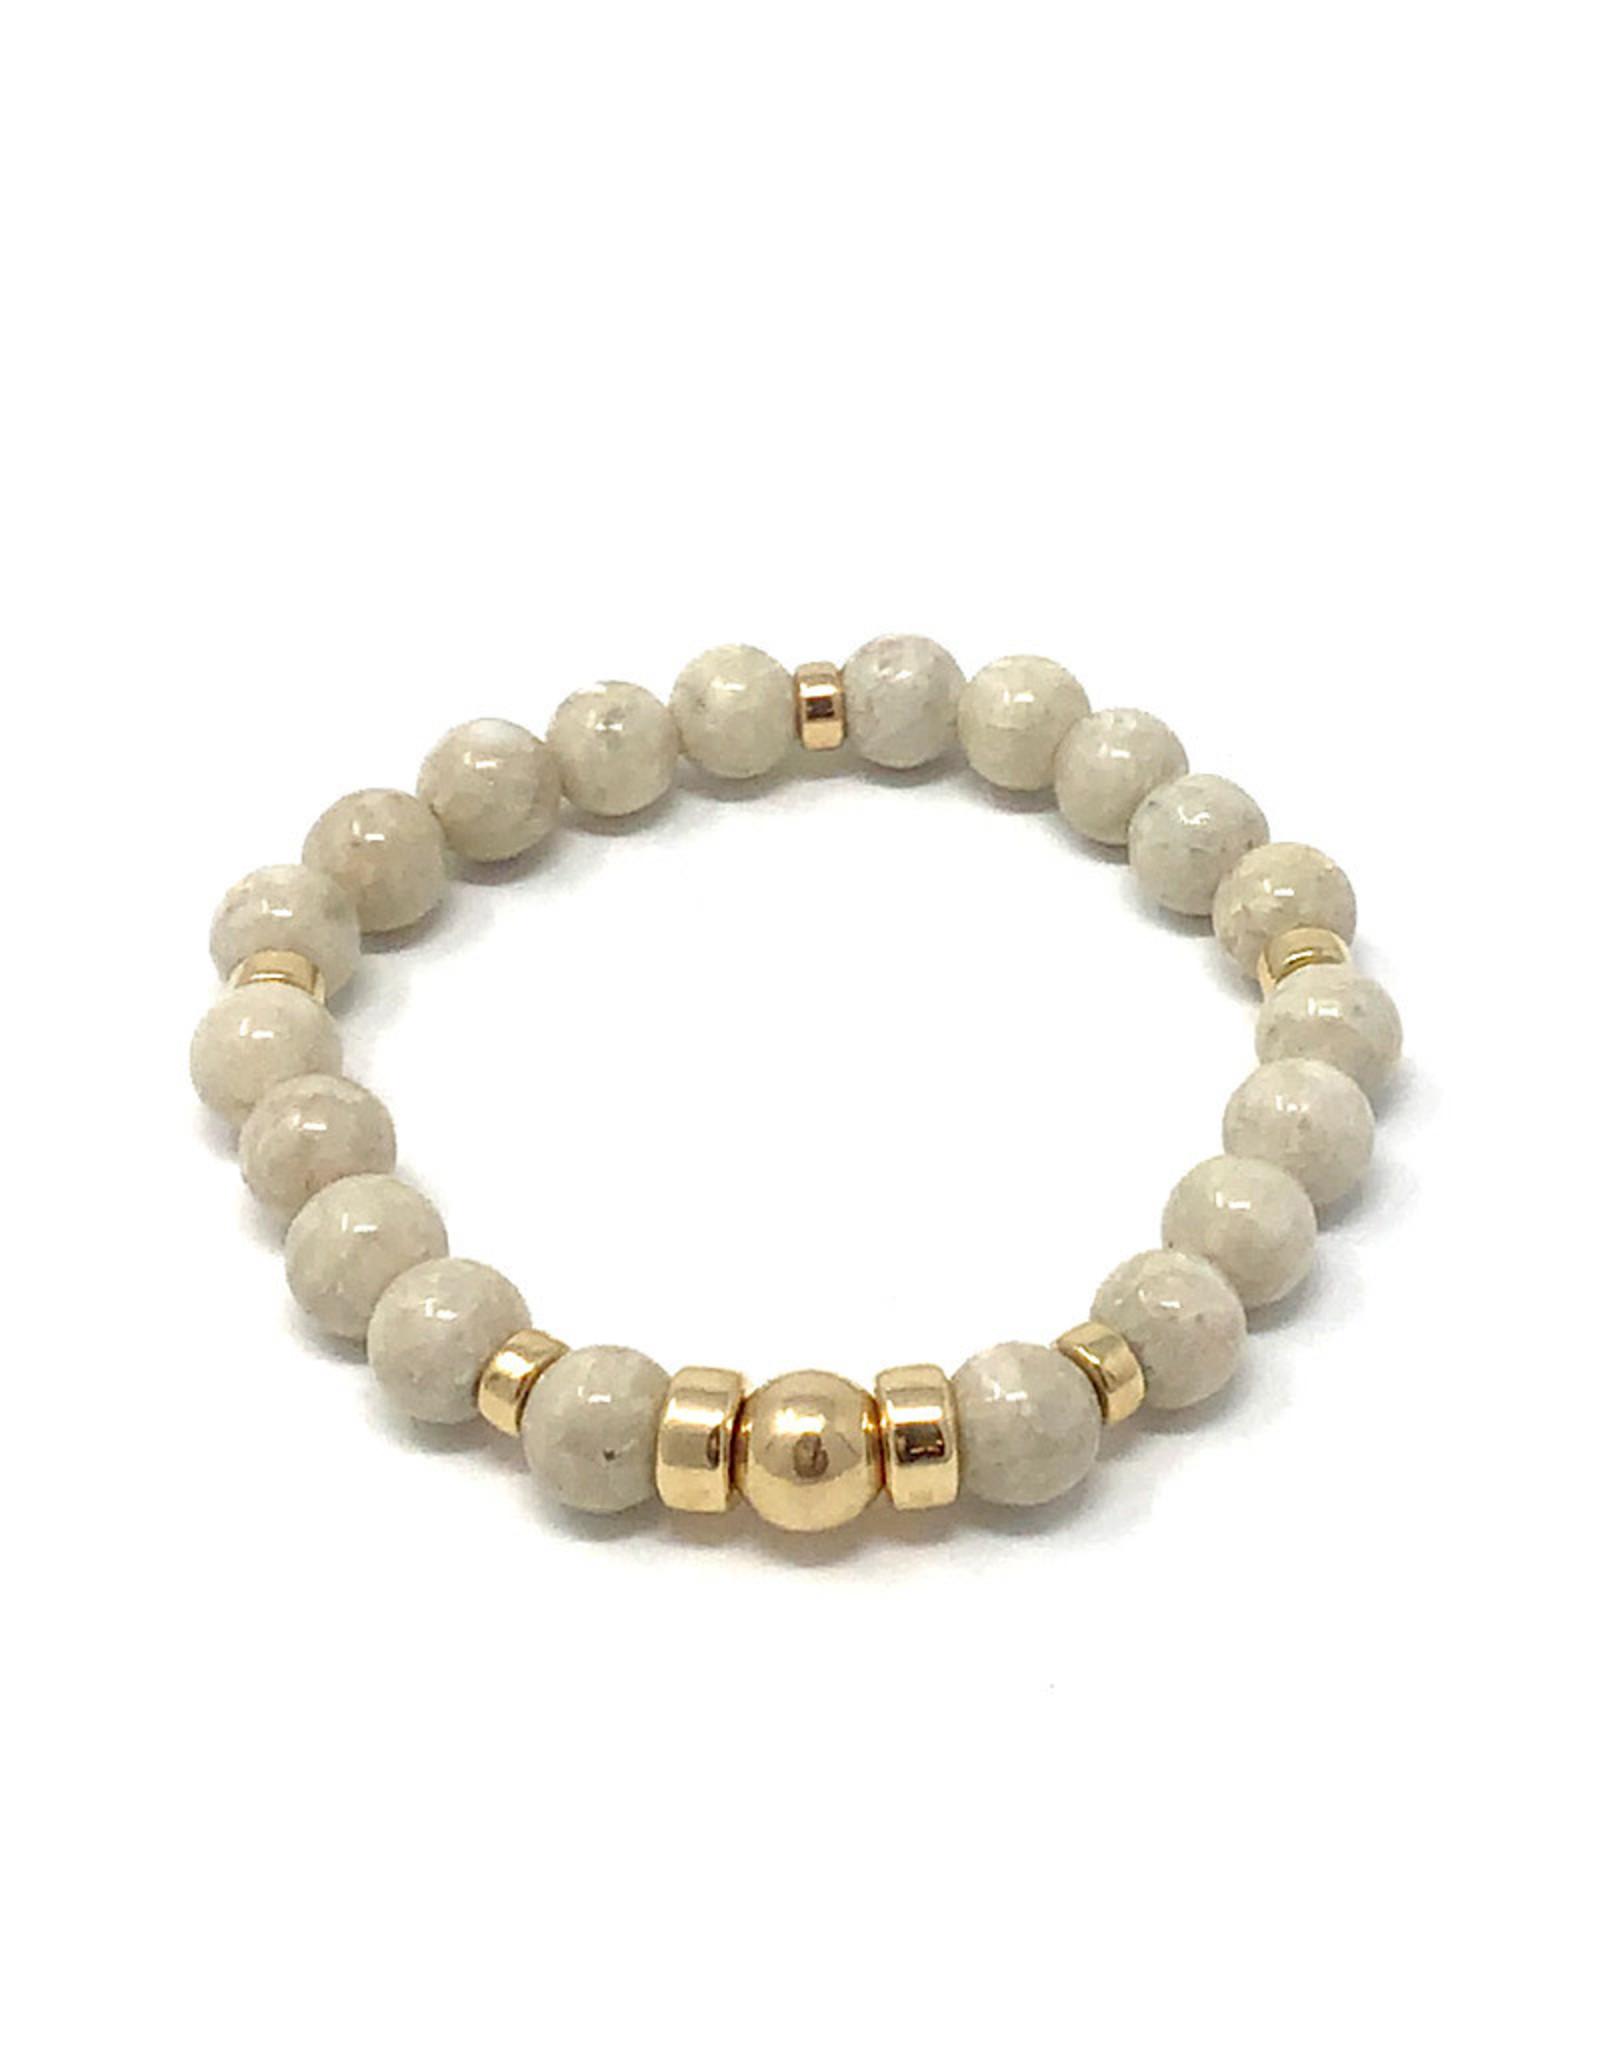 Beblue Beige Bracelet Gold Filled